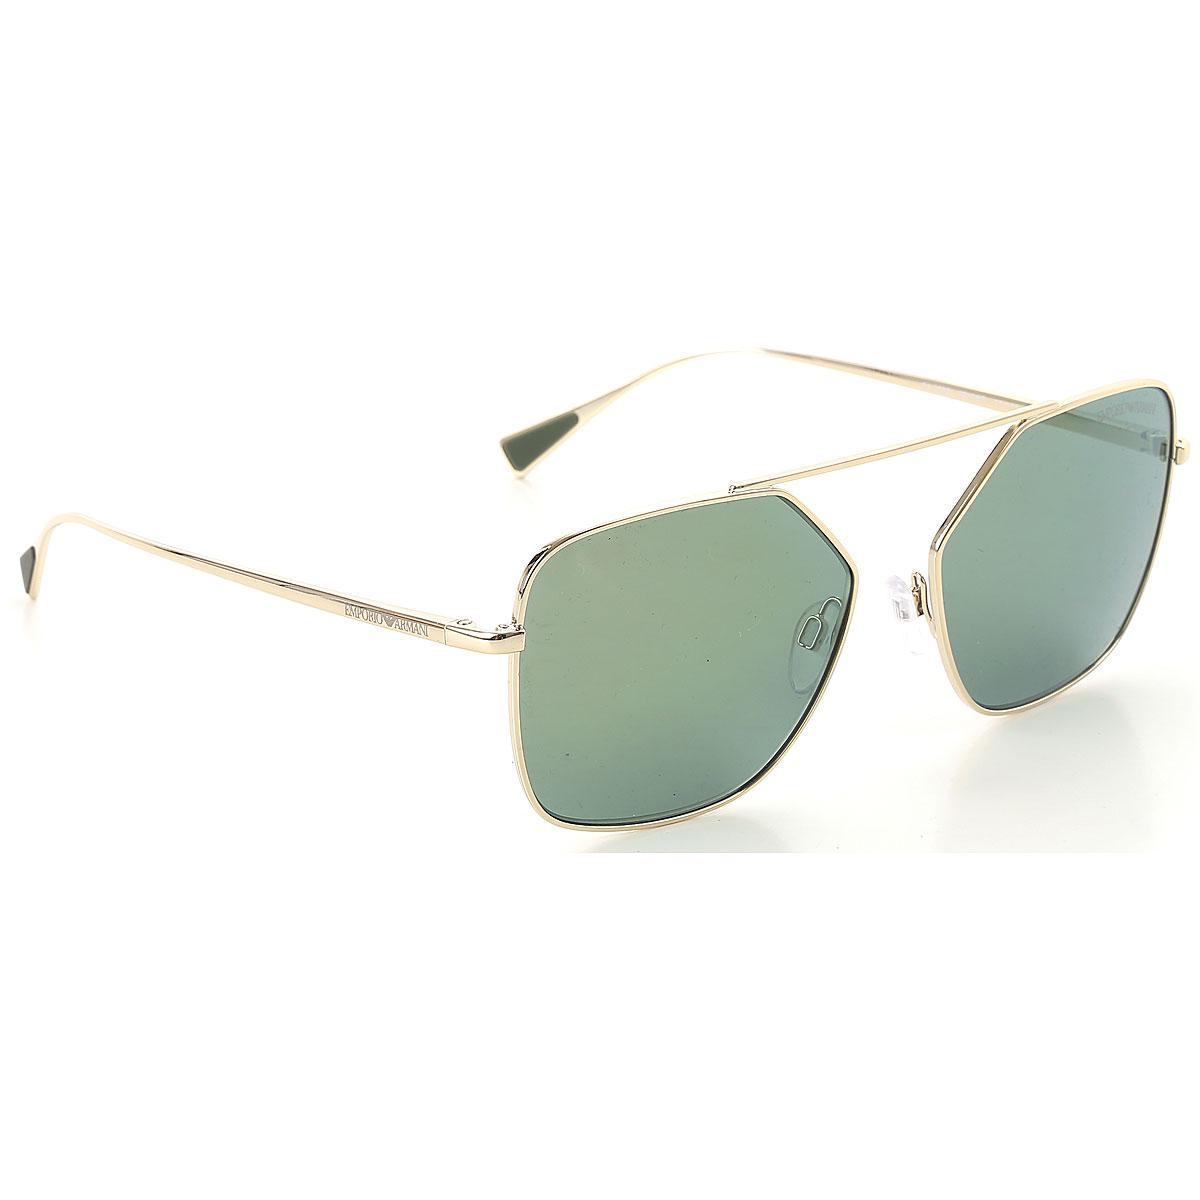 527c71a9437 Lyst - Emporio Armani Sunglasses On Sale in Metallic for Men